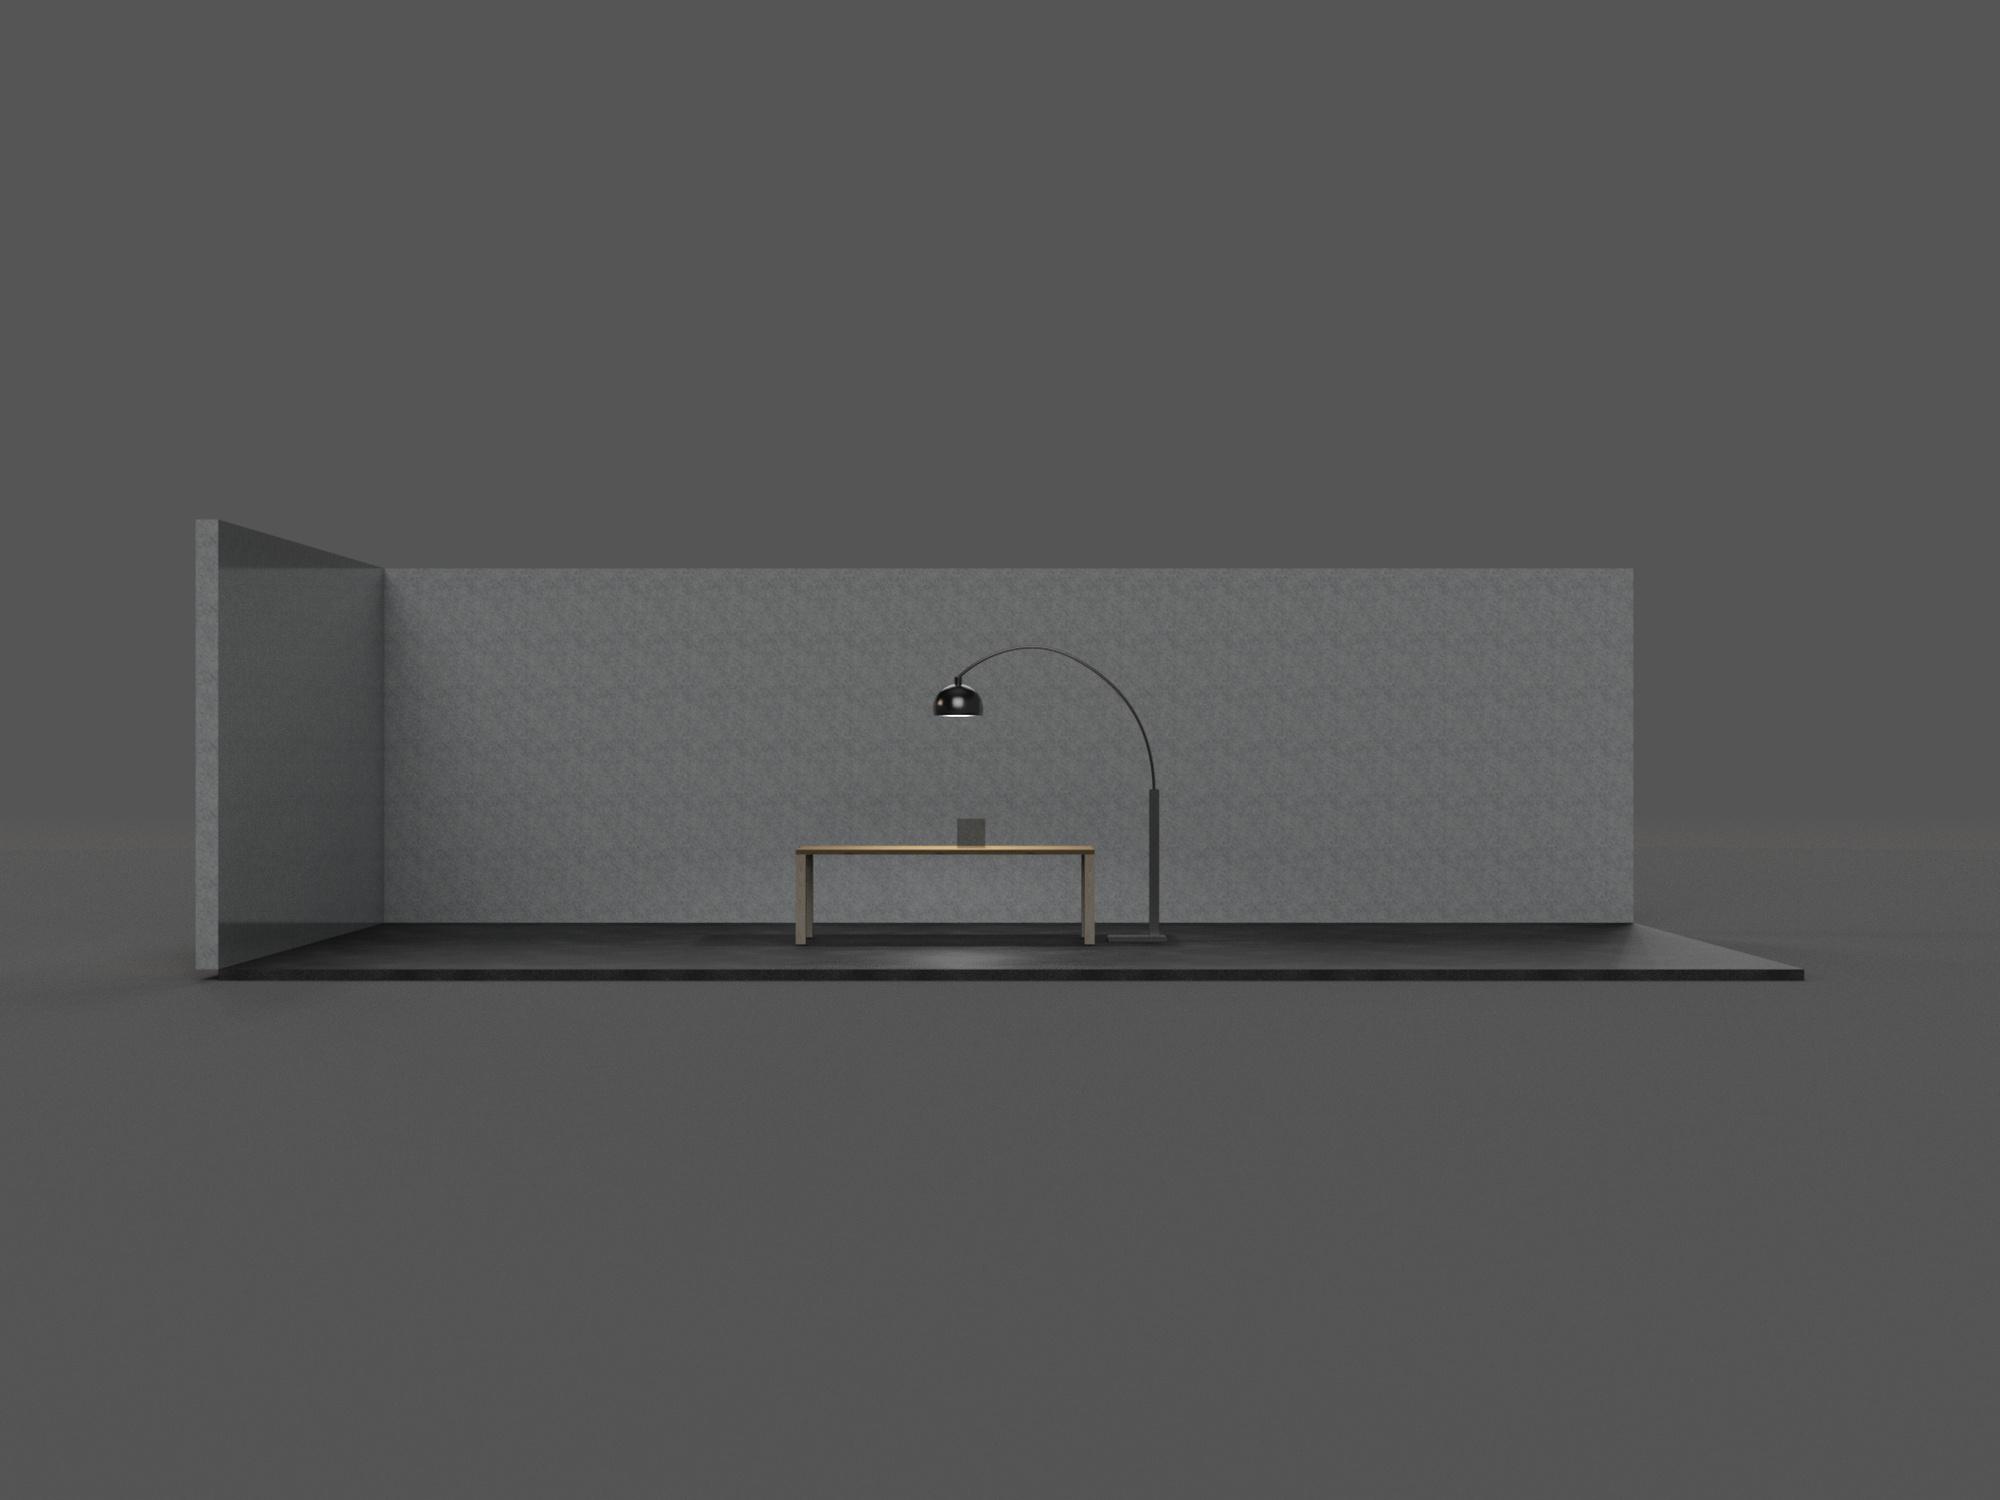 Raas-rendering20151125-30778-v7t6dg